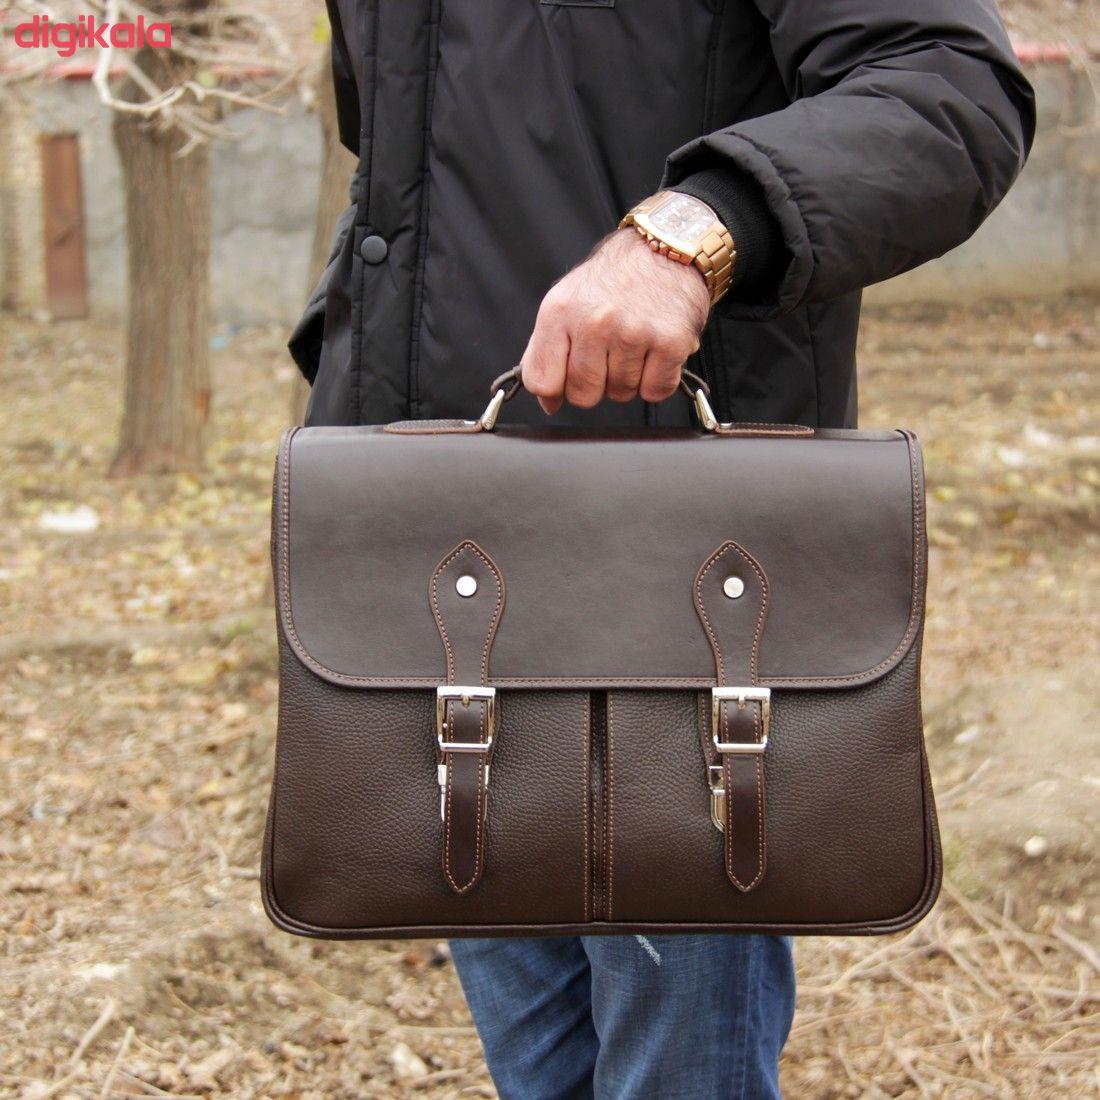 کیف اداری مردانه چرم بیسراک مدل مارال کد Ed-502 main 1 21